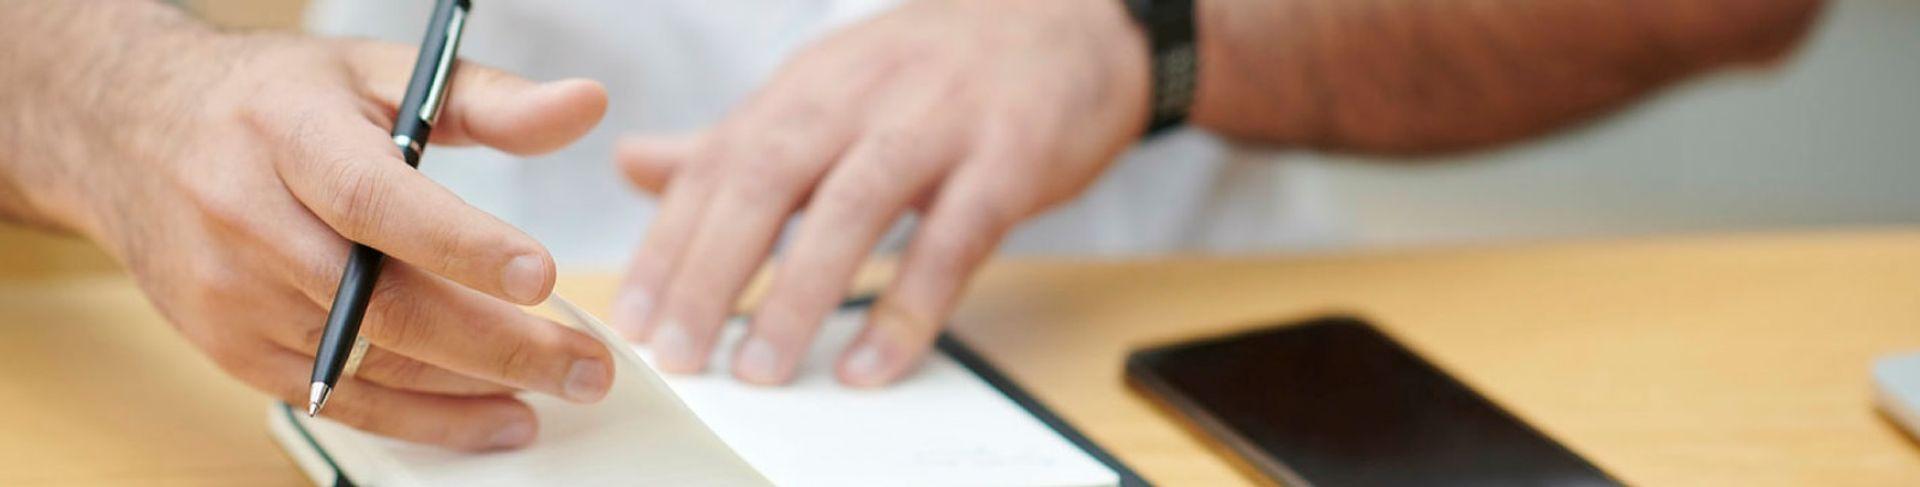 Arbeidsmøte med penn og mobiltelefon i forgrunnen